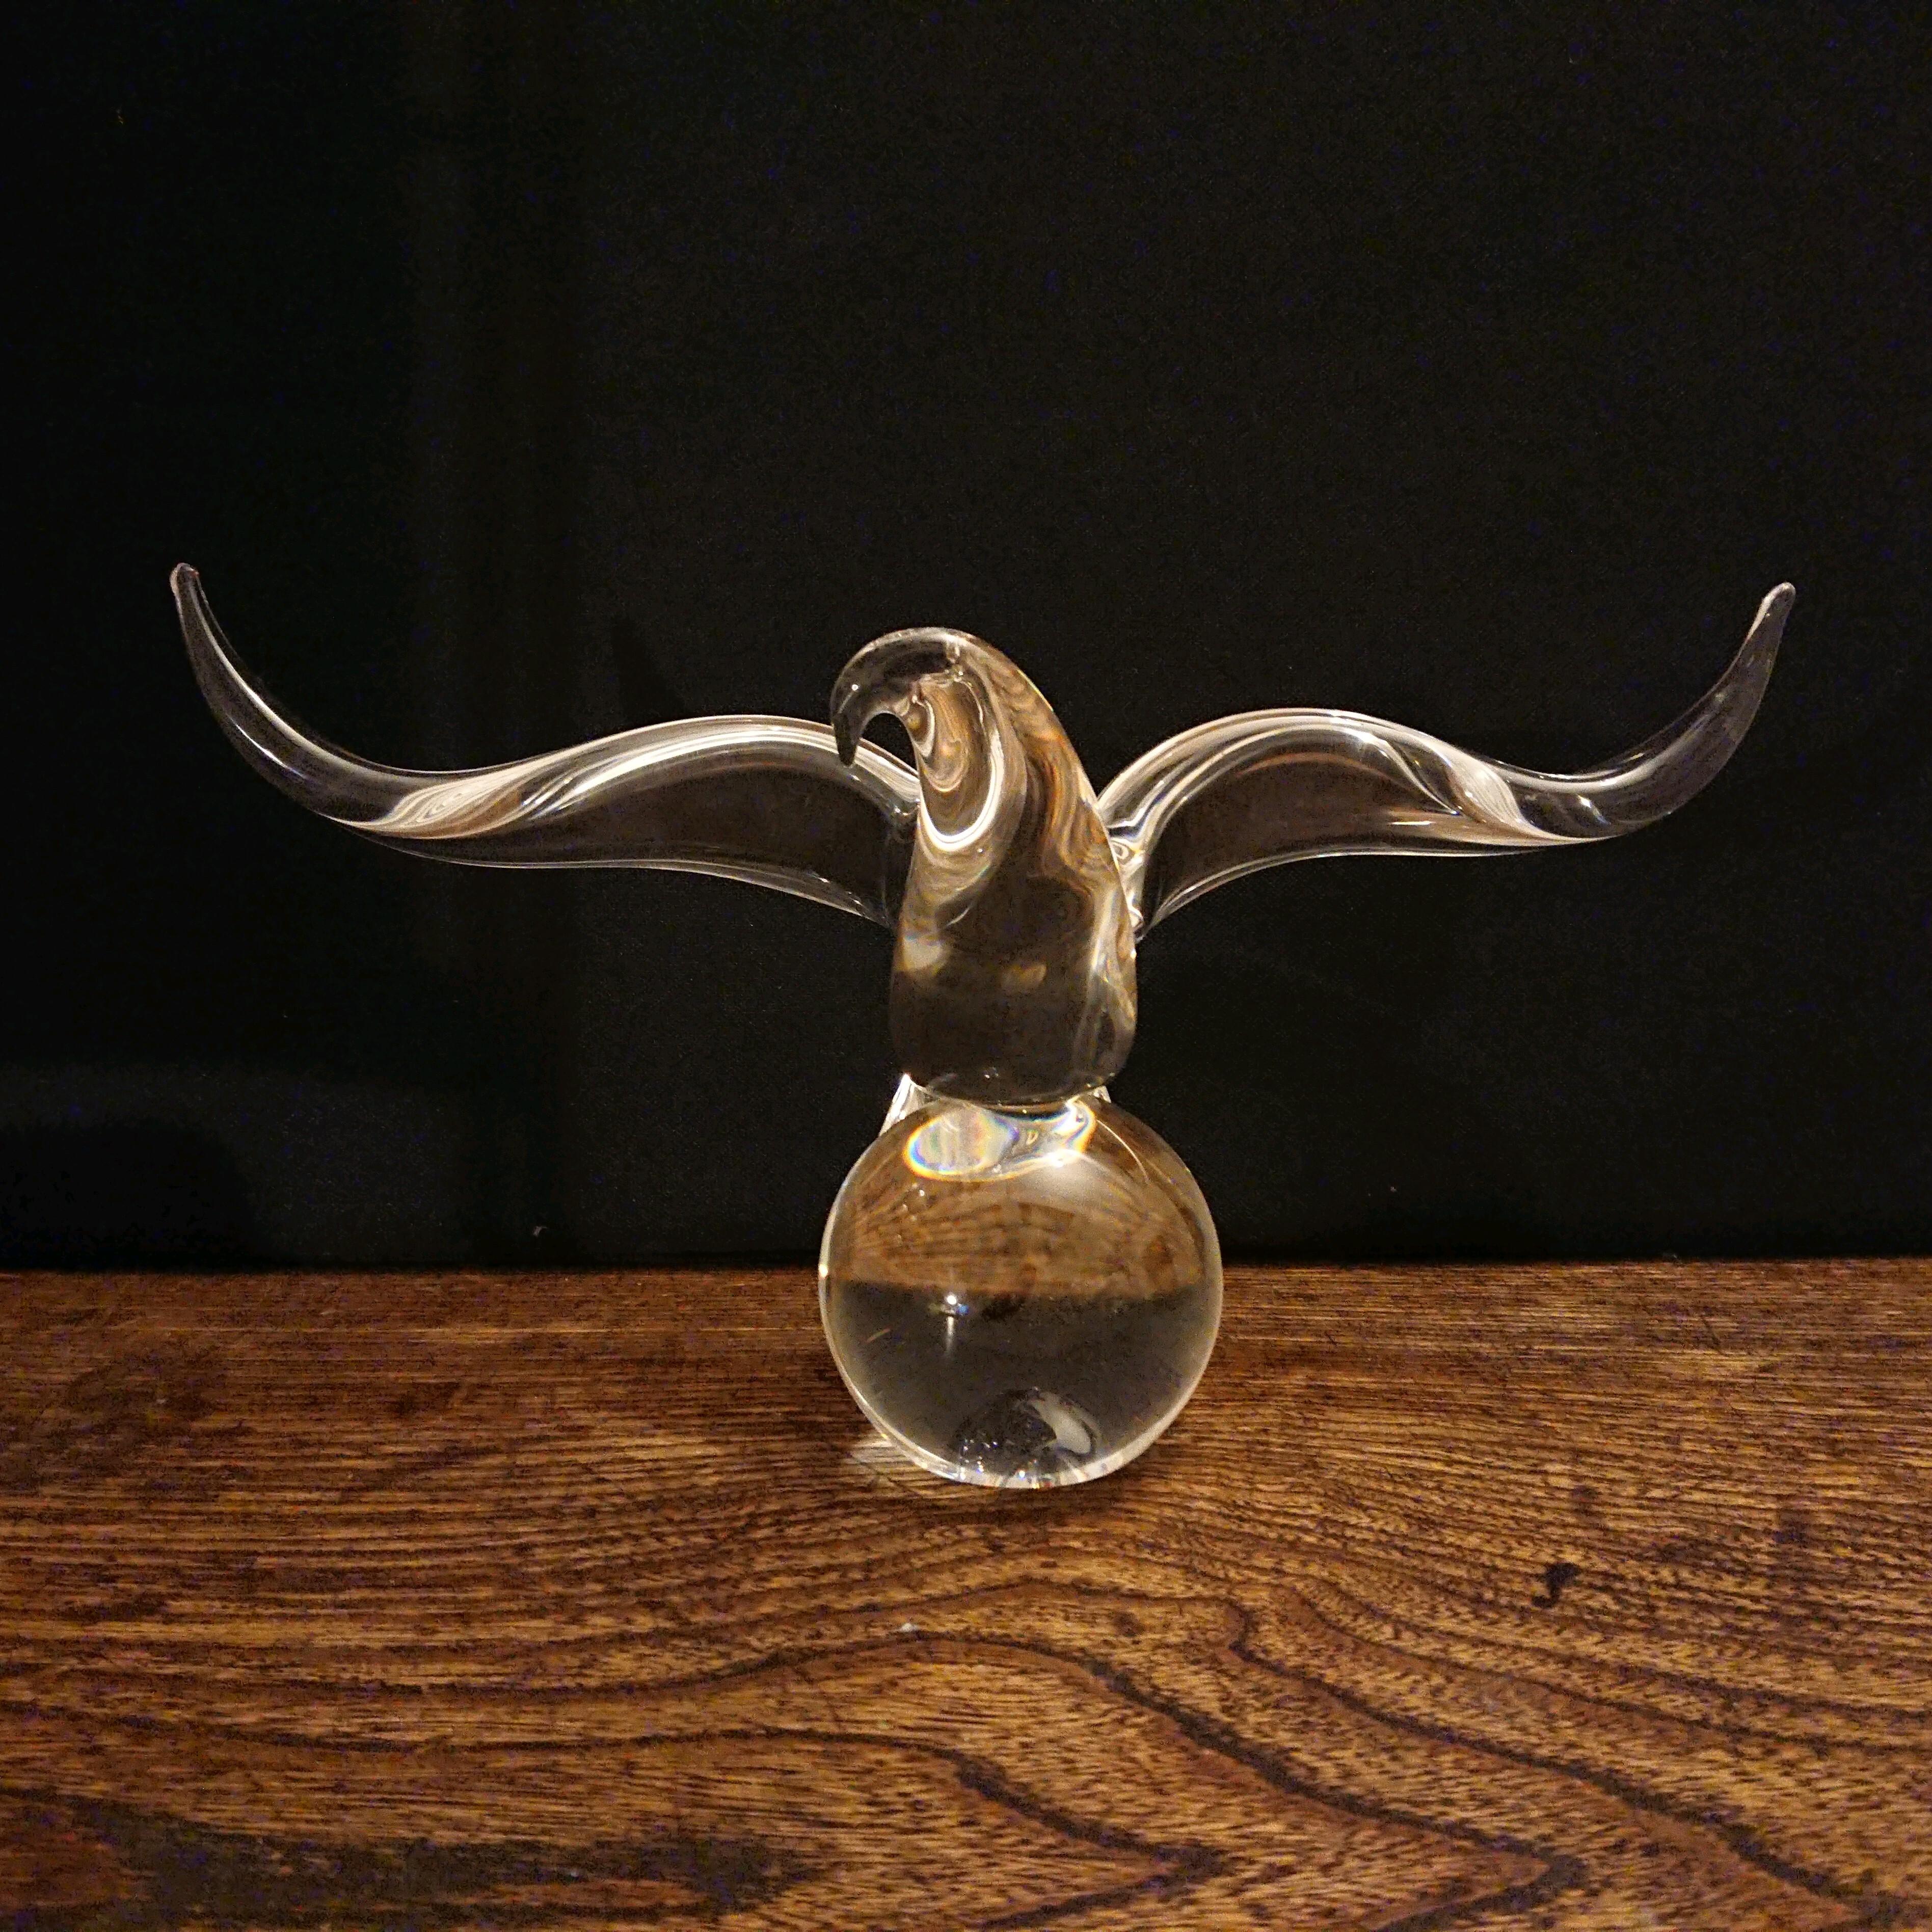 Steuben/スチューベン Eagle on ball クリスタルガラス イーグル 鷲 オブジェ